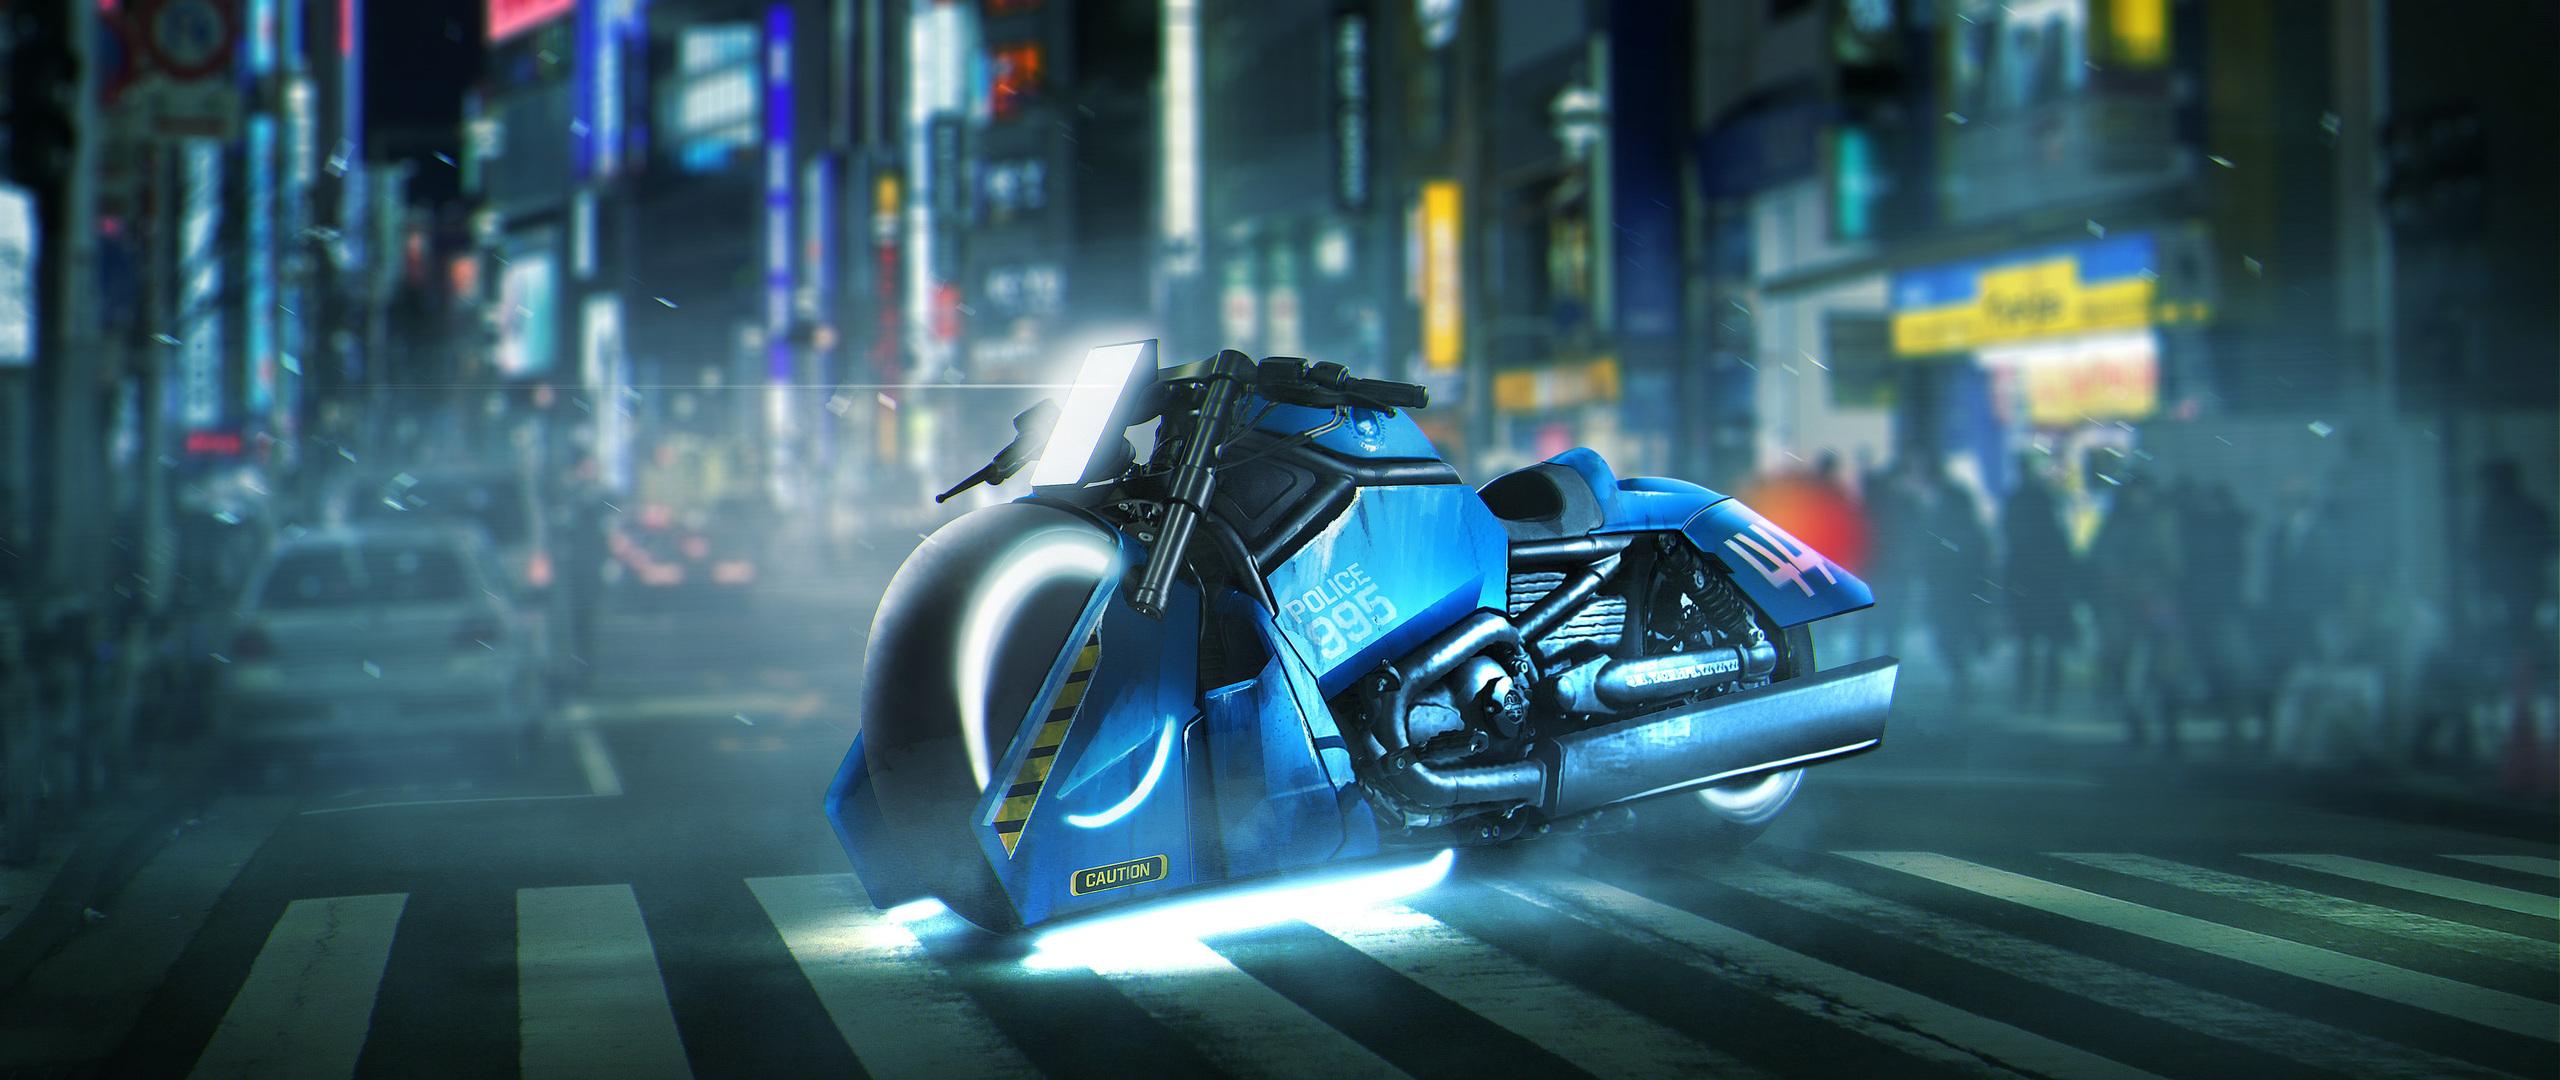 2560x1080 Blade Runner Spinner Bike Harley Davidson V Rod Muscle